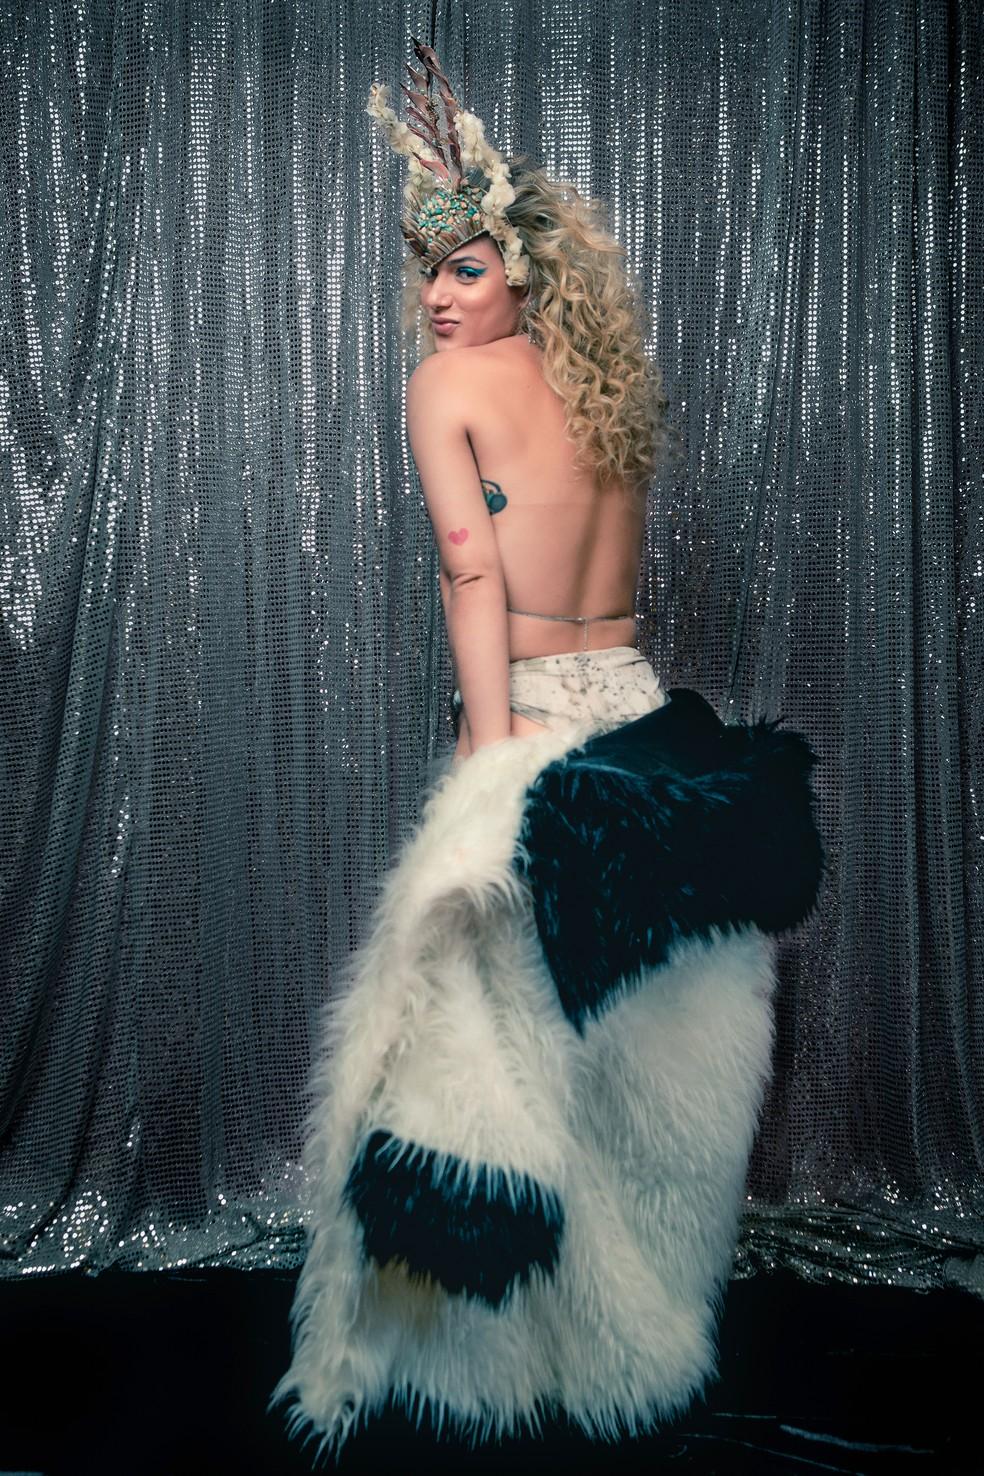 Glamour Garcia fala sobre autoestima e construção da imagem  — Foto: Fabiano Battaglin/Gshow